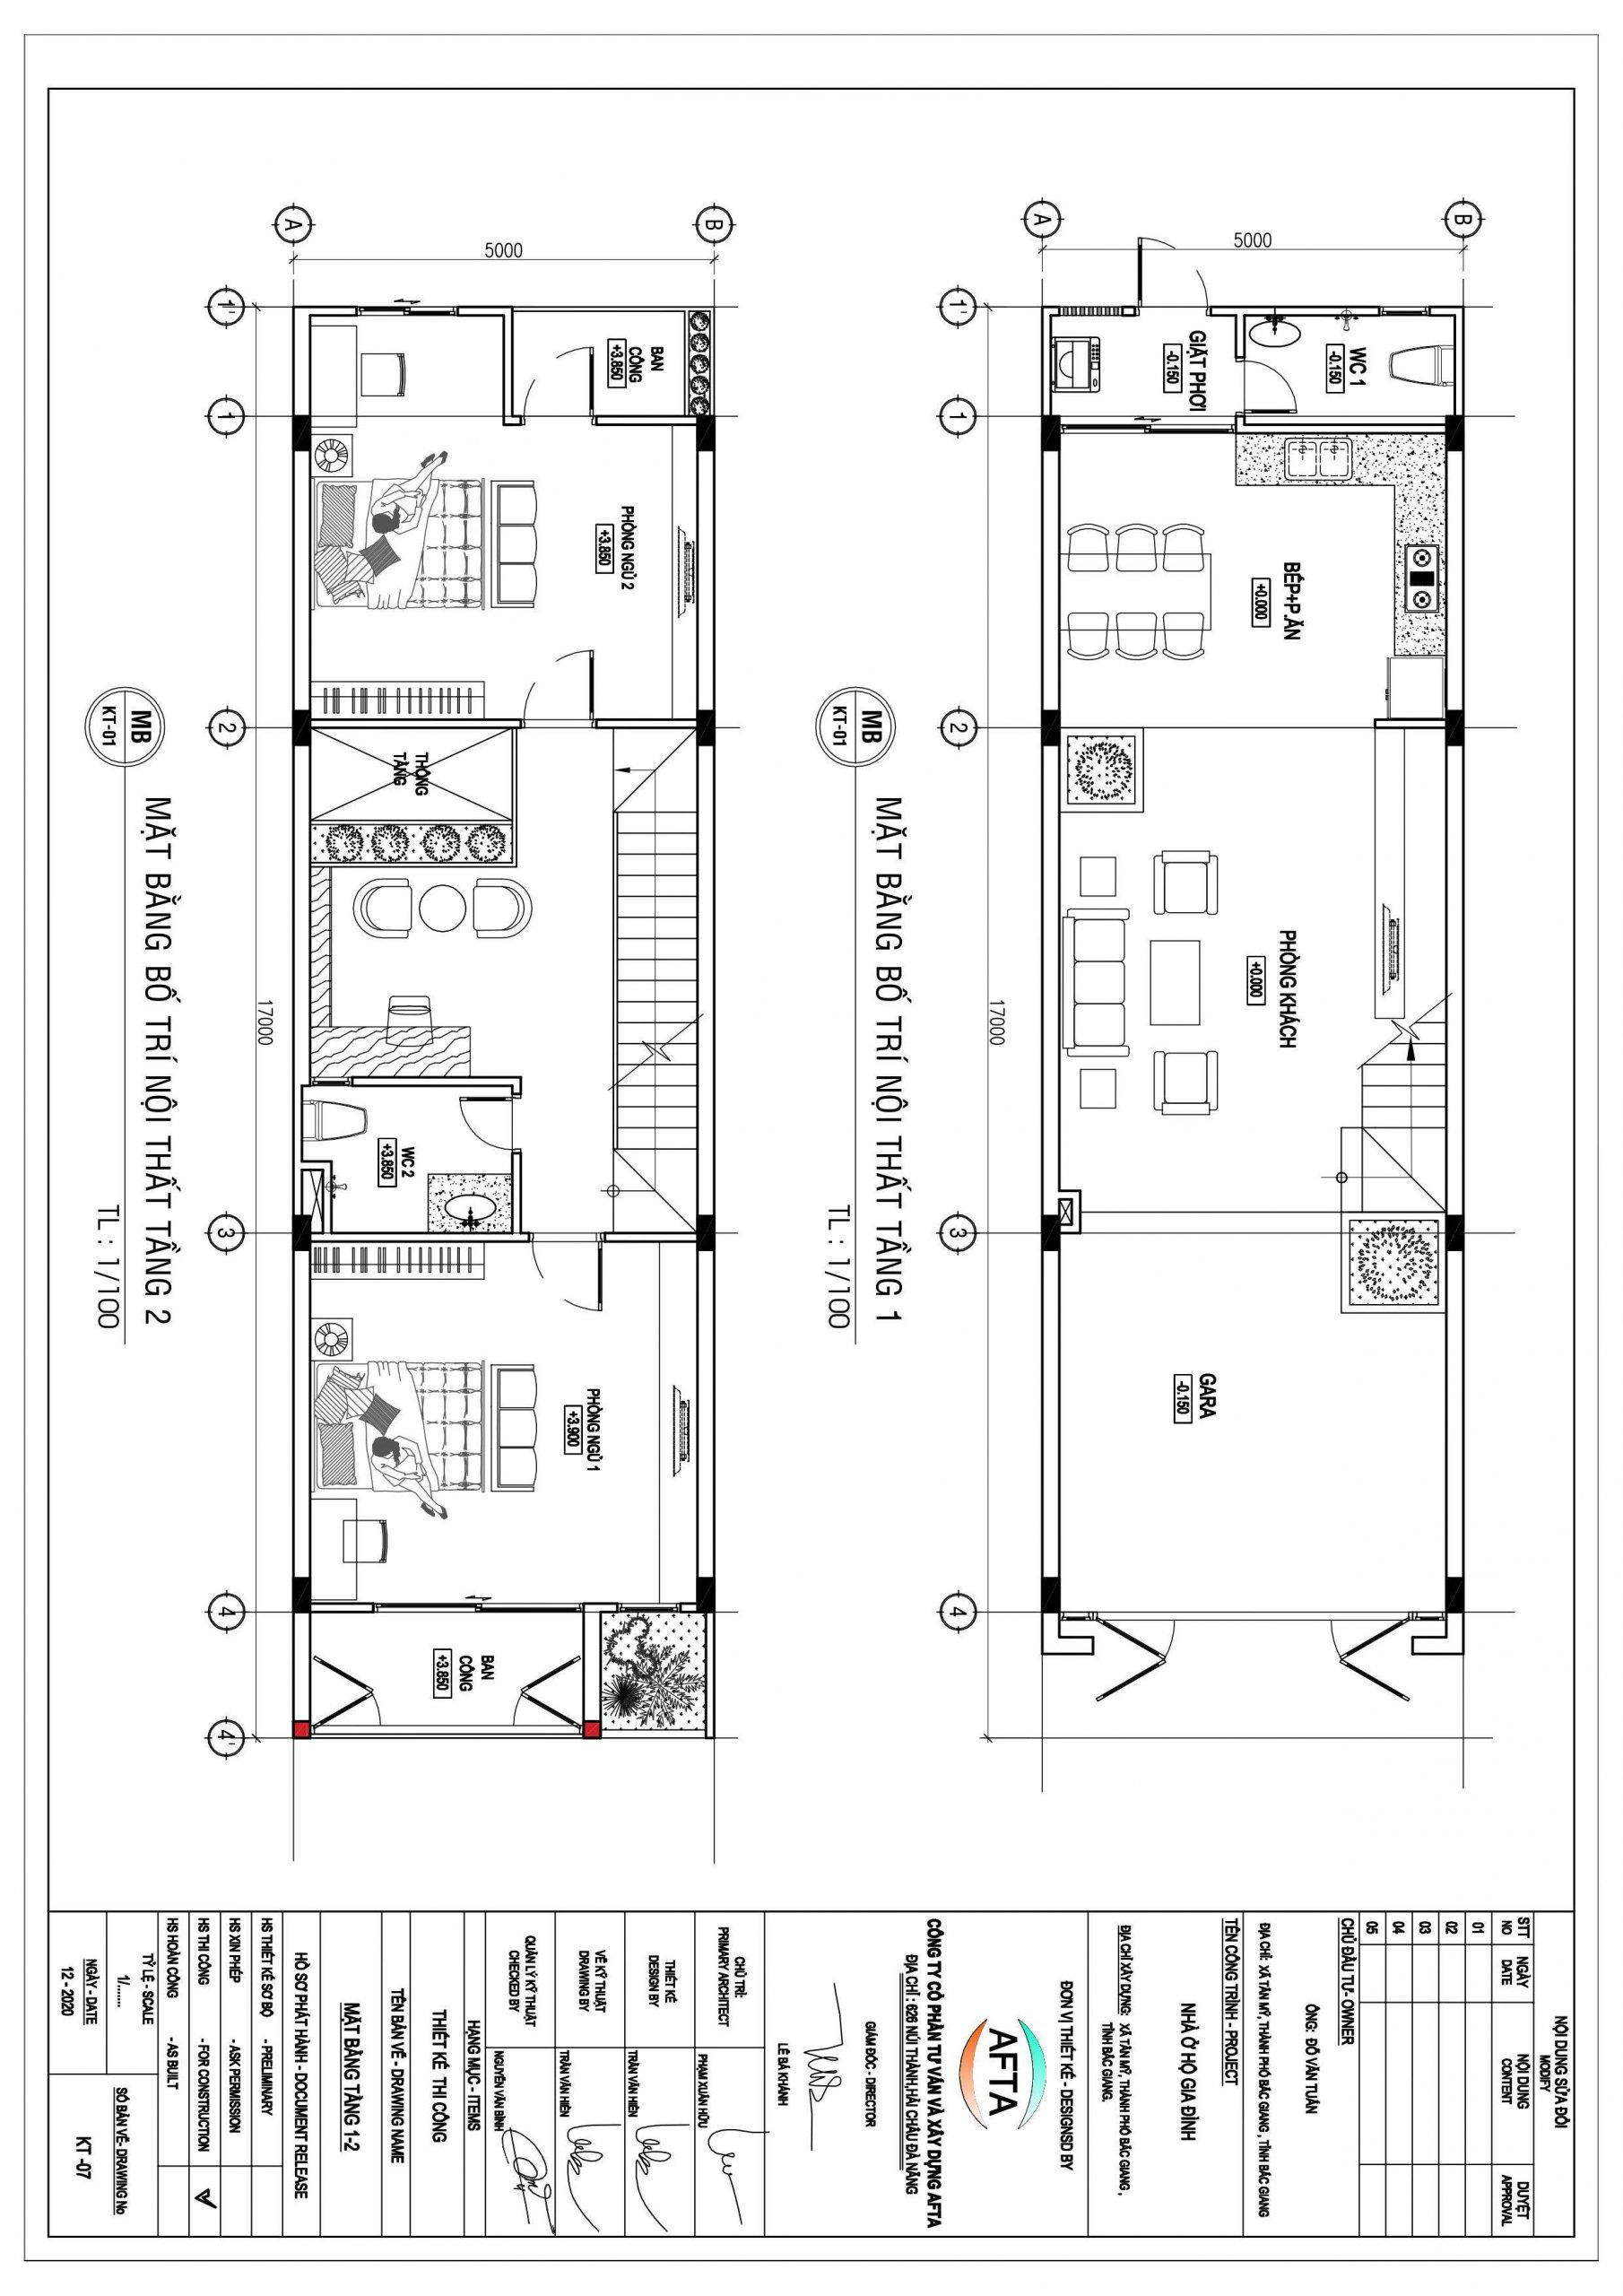 Thiết Kế Nhà Ống 2 Tầng 3 Phòng Ngủ Bắc Giang 8